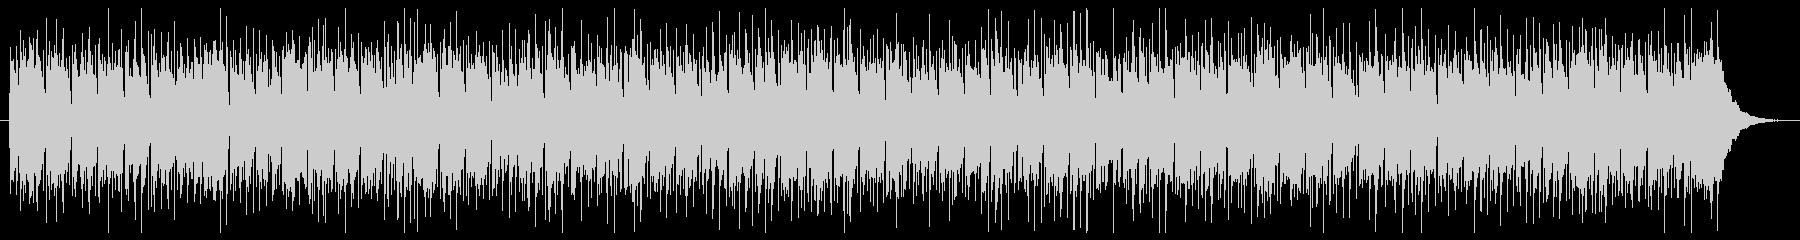 ほんわかアコースティックフォークBGMの未再生の波形